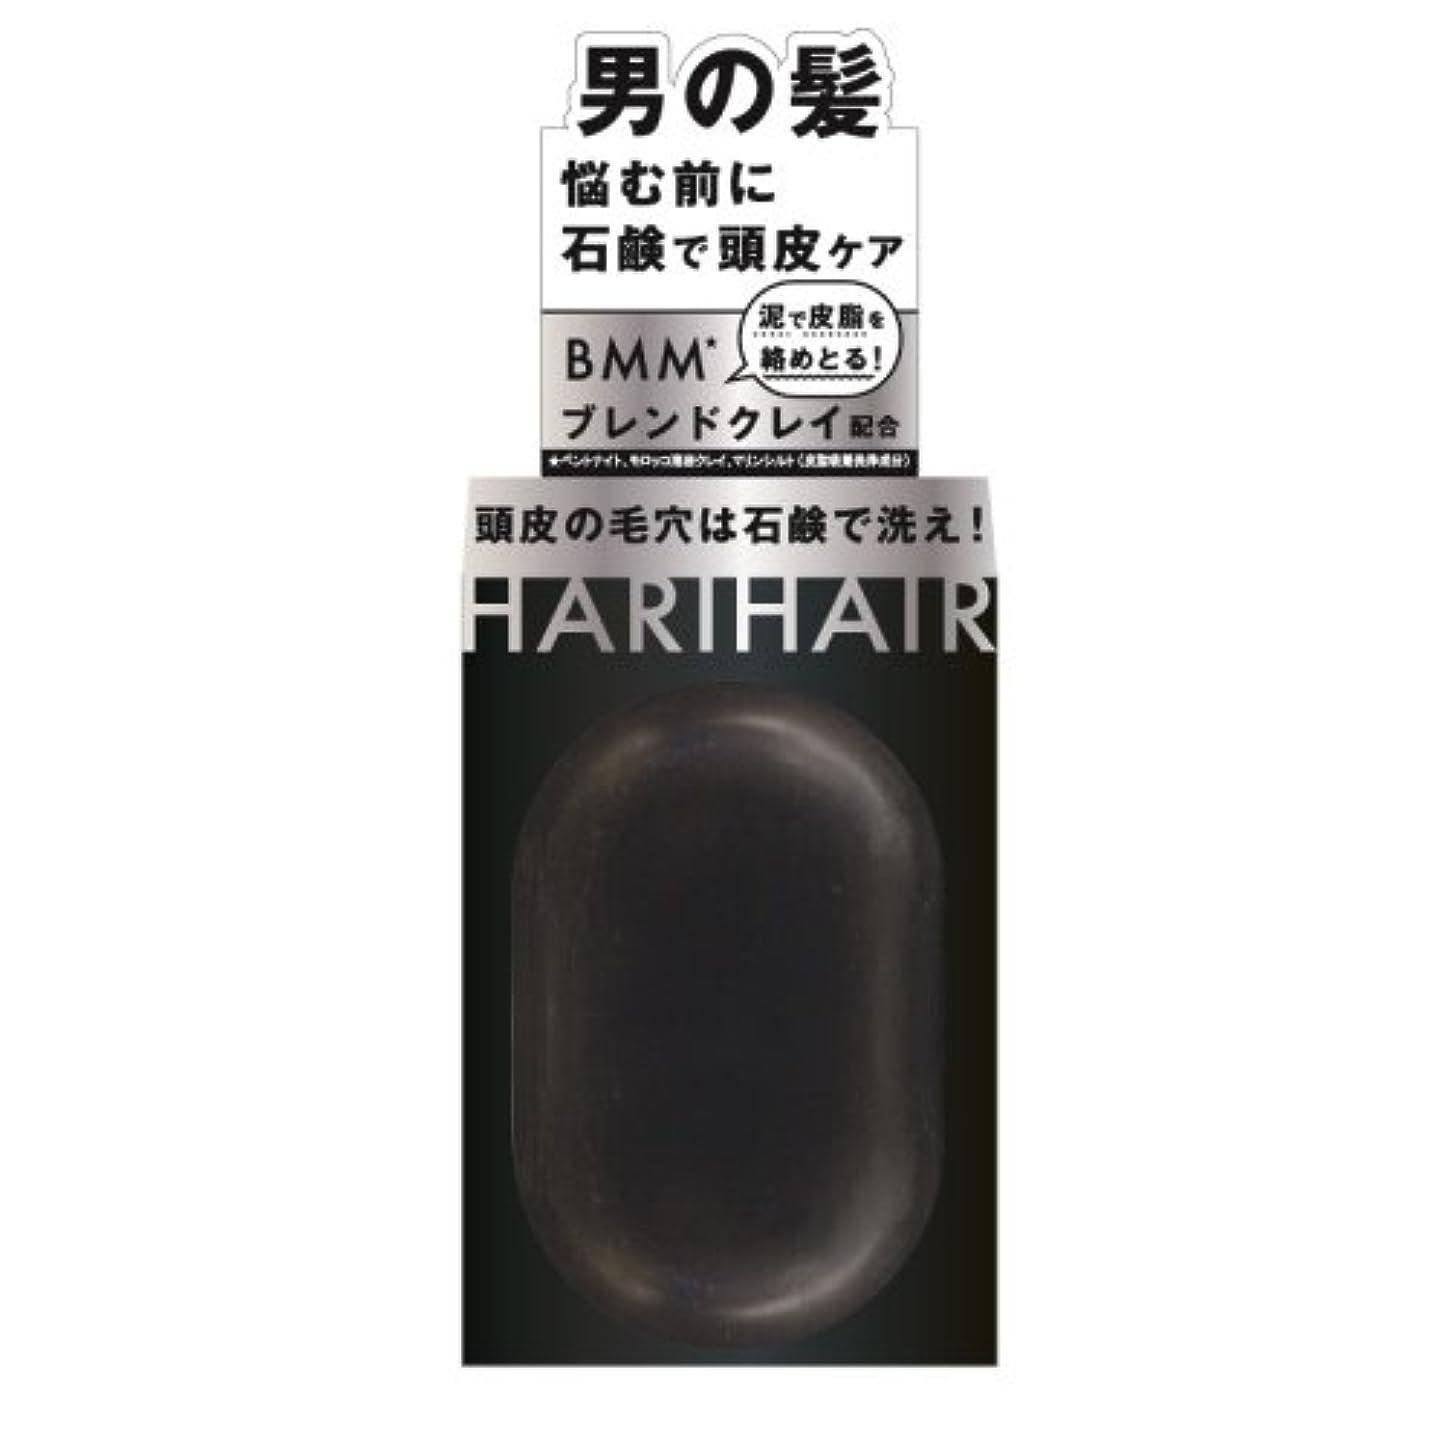 酔っ払い乱す数字ペリカン石鹸 ハリヘア 固形シャンプー 100g